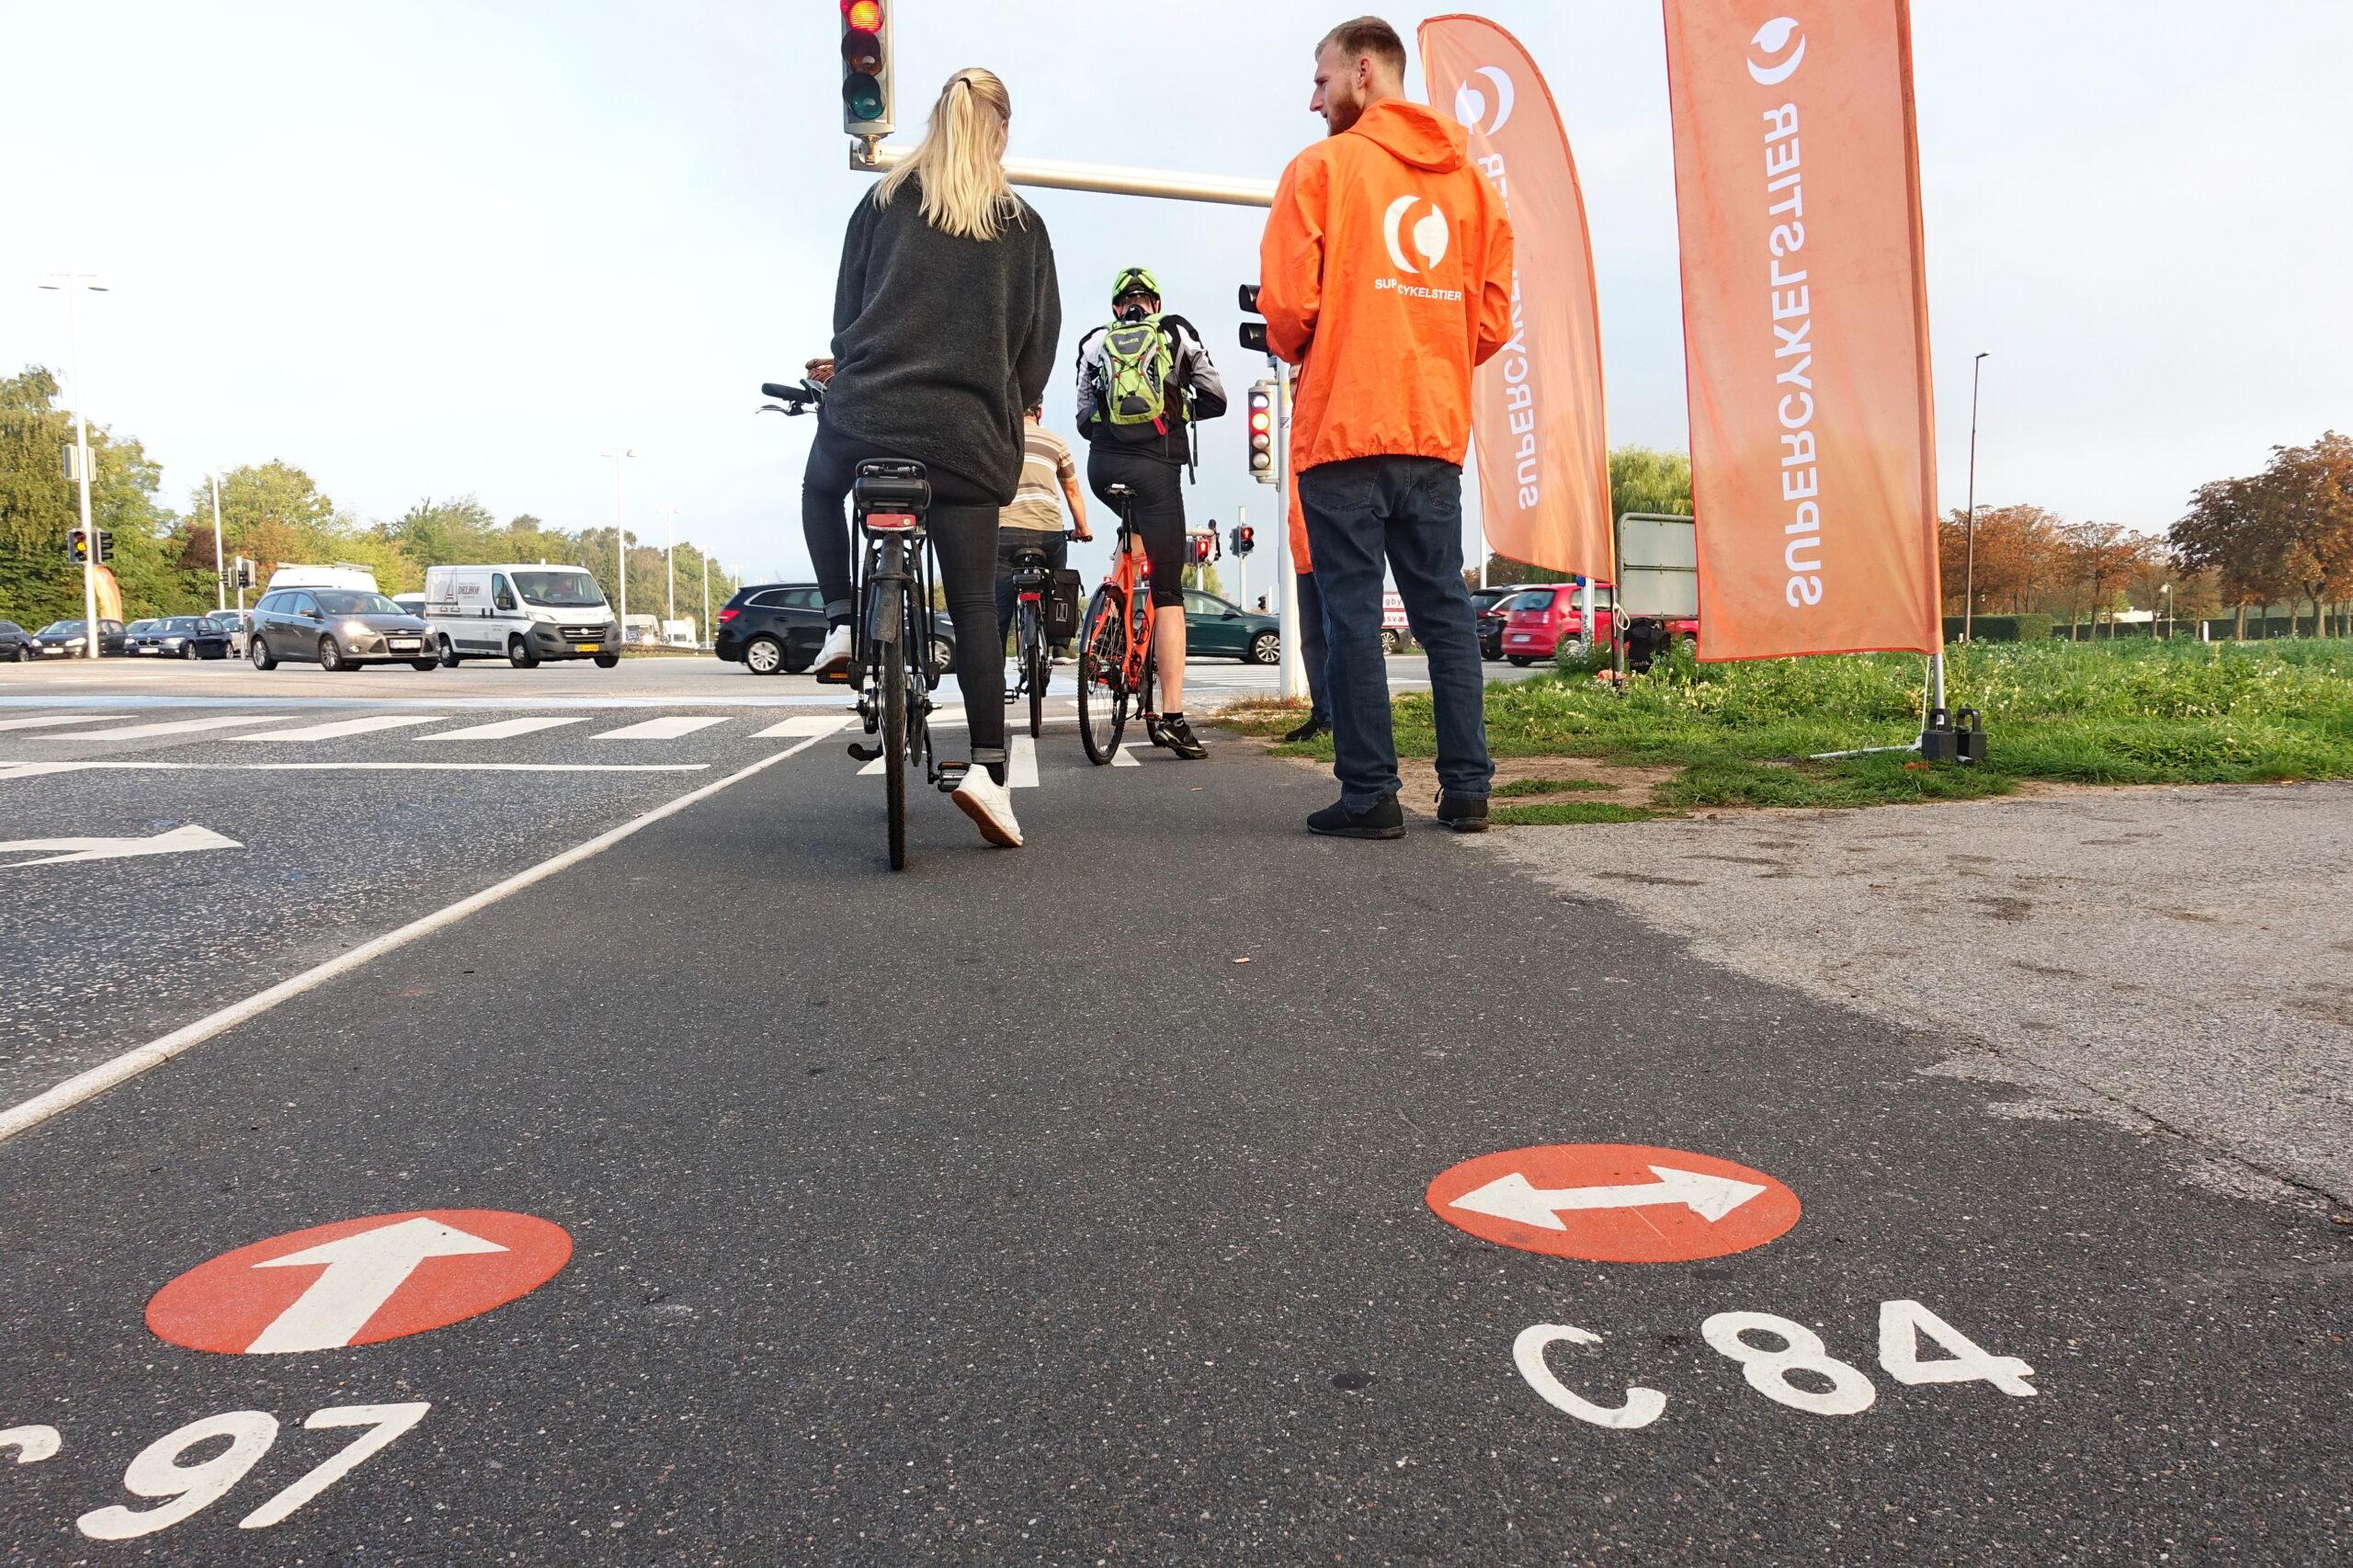 Supercykelstier - Via Trafik evaluerer dem i København.